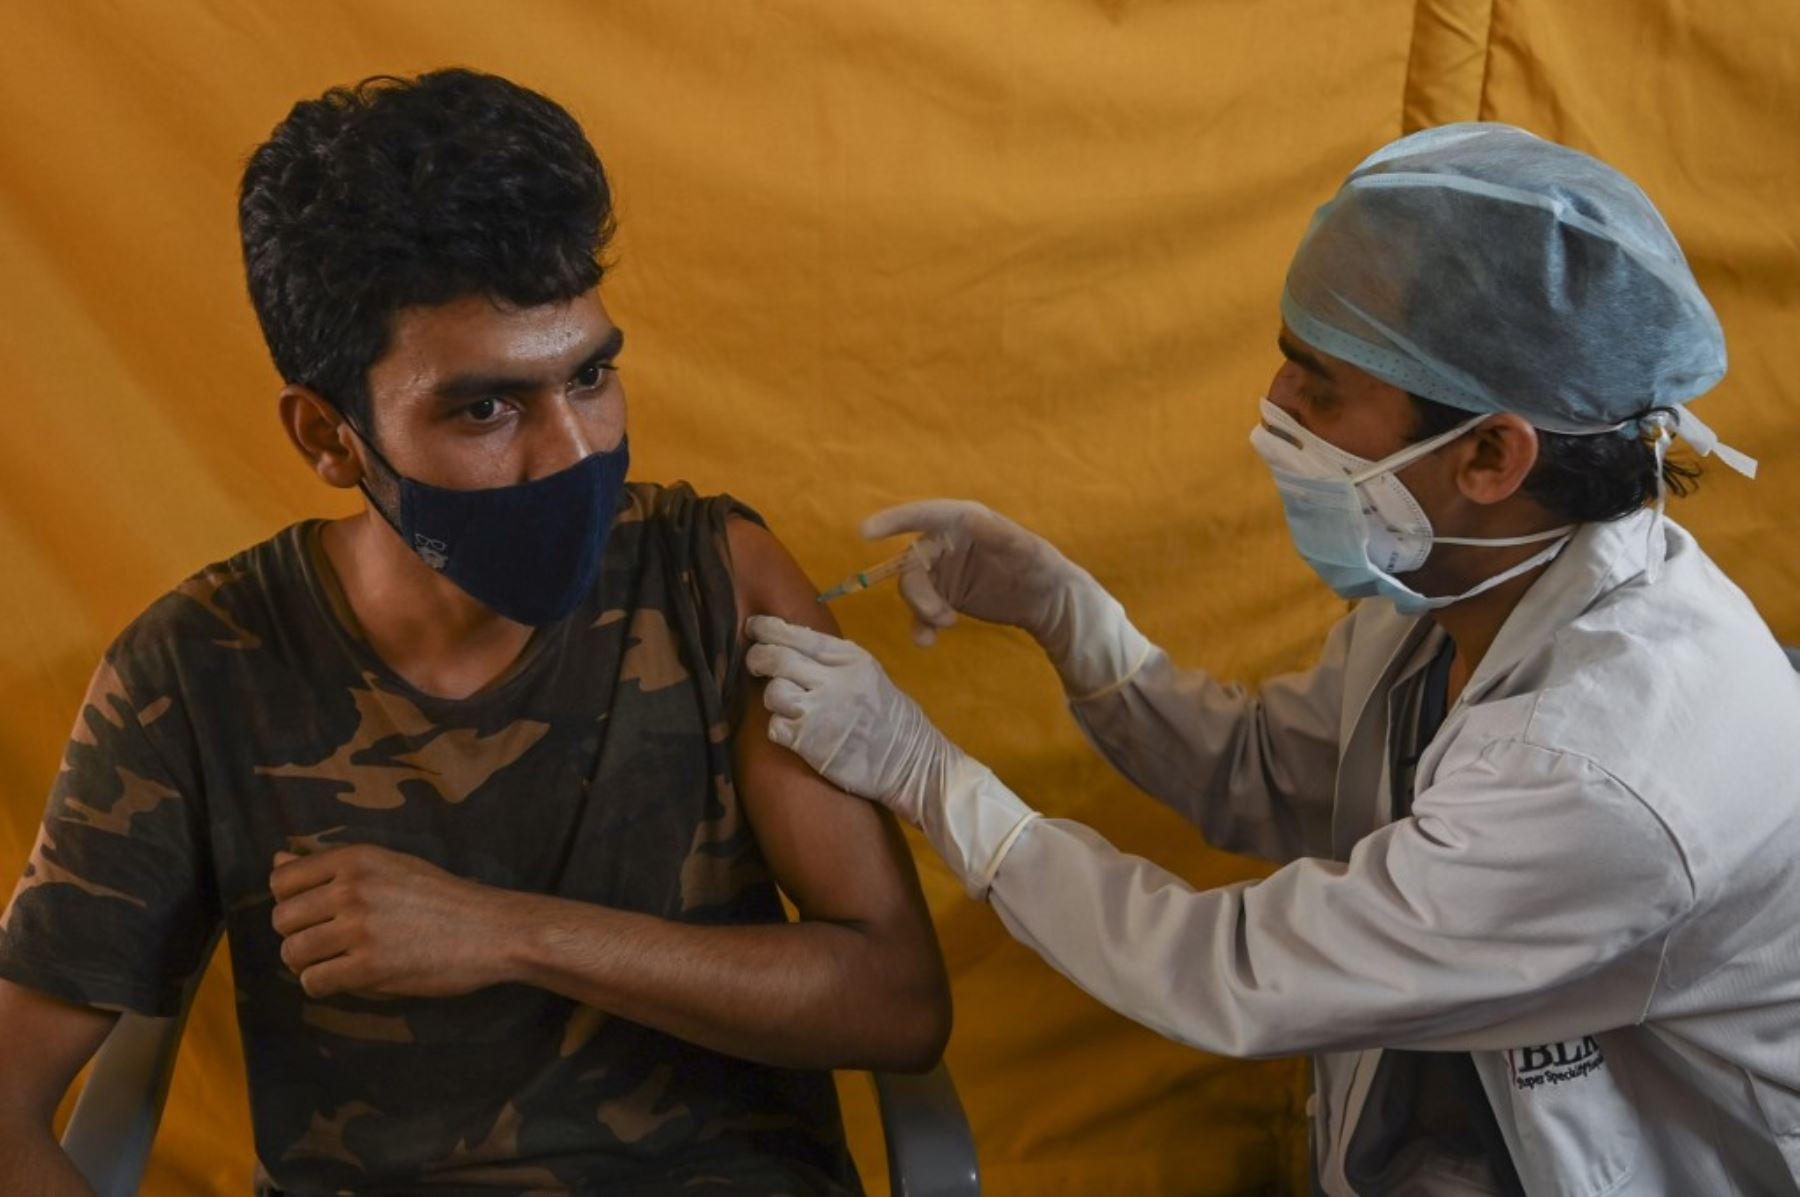 Un trabajador de la salud inocula a un hombre con una dosis de la vacuna Covishield contra el coronavirus covid-19 en un centro de vacunación del hospital BLK-MAX en Nueva Delhi. Foto: AFP